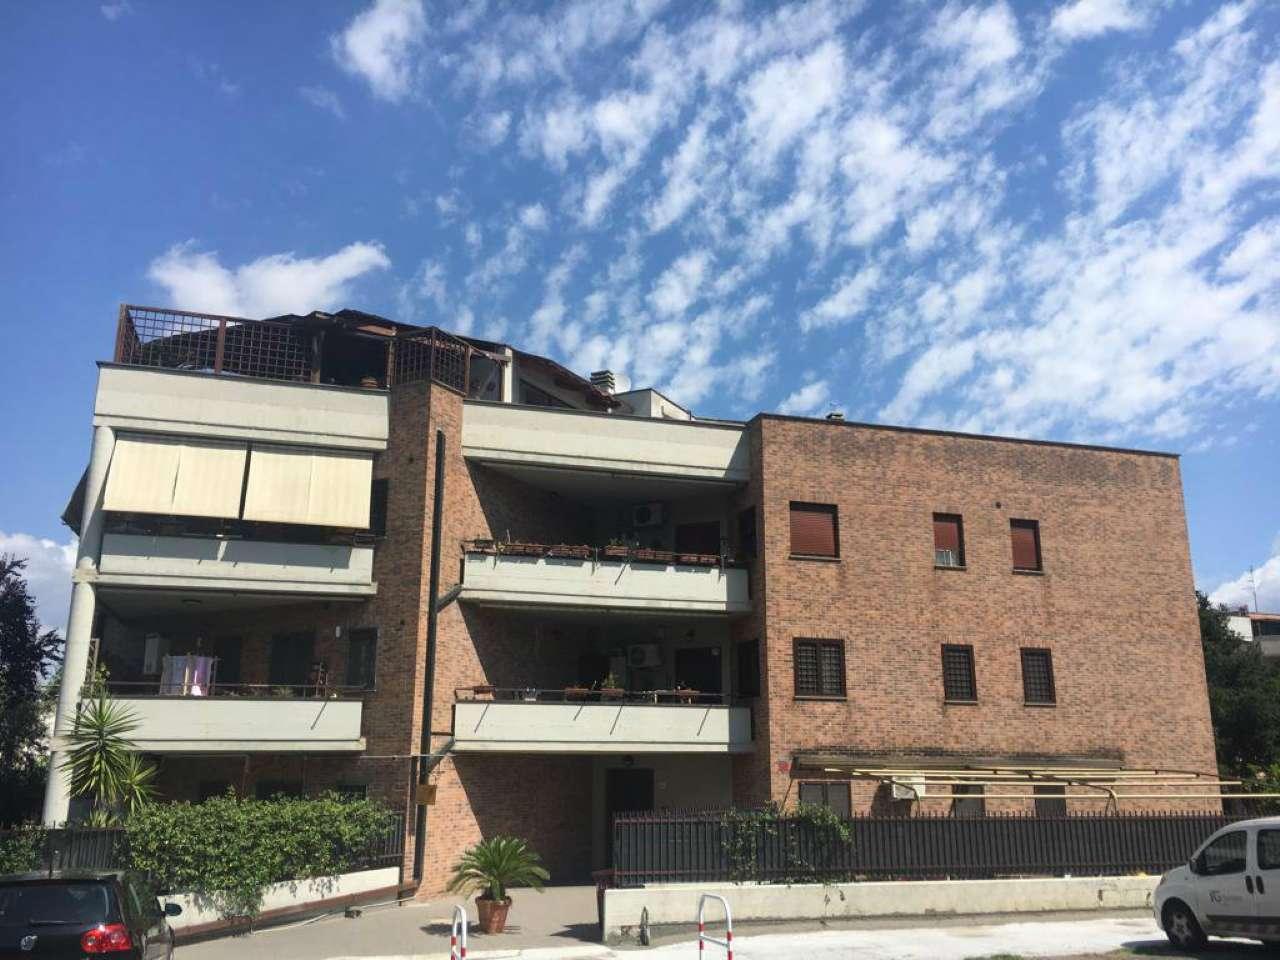 Appartamento in vendita a Tivoli, 2 locali, prezzo € 89.000 | PortaleAgenzieImmobiliari.it